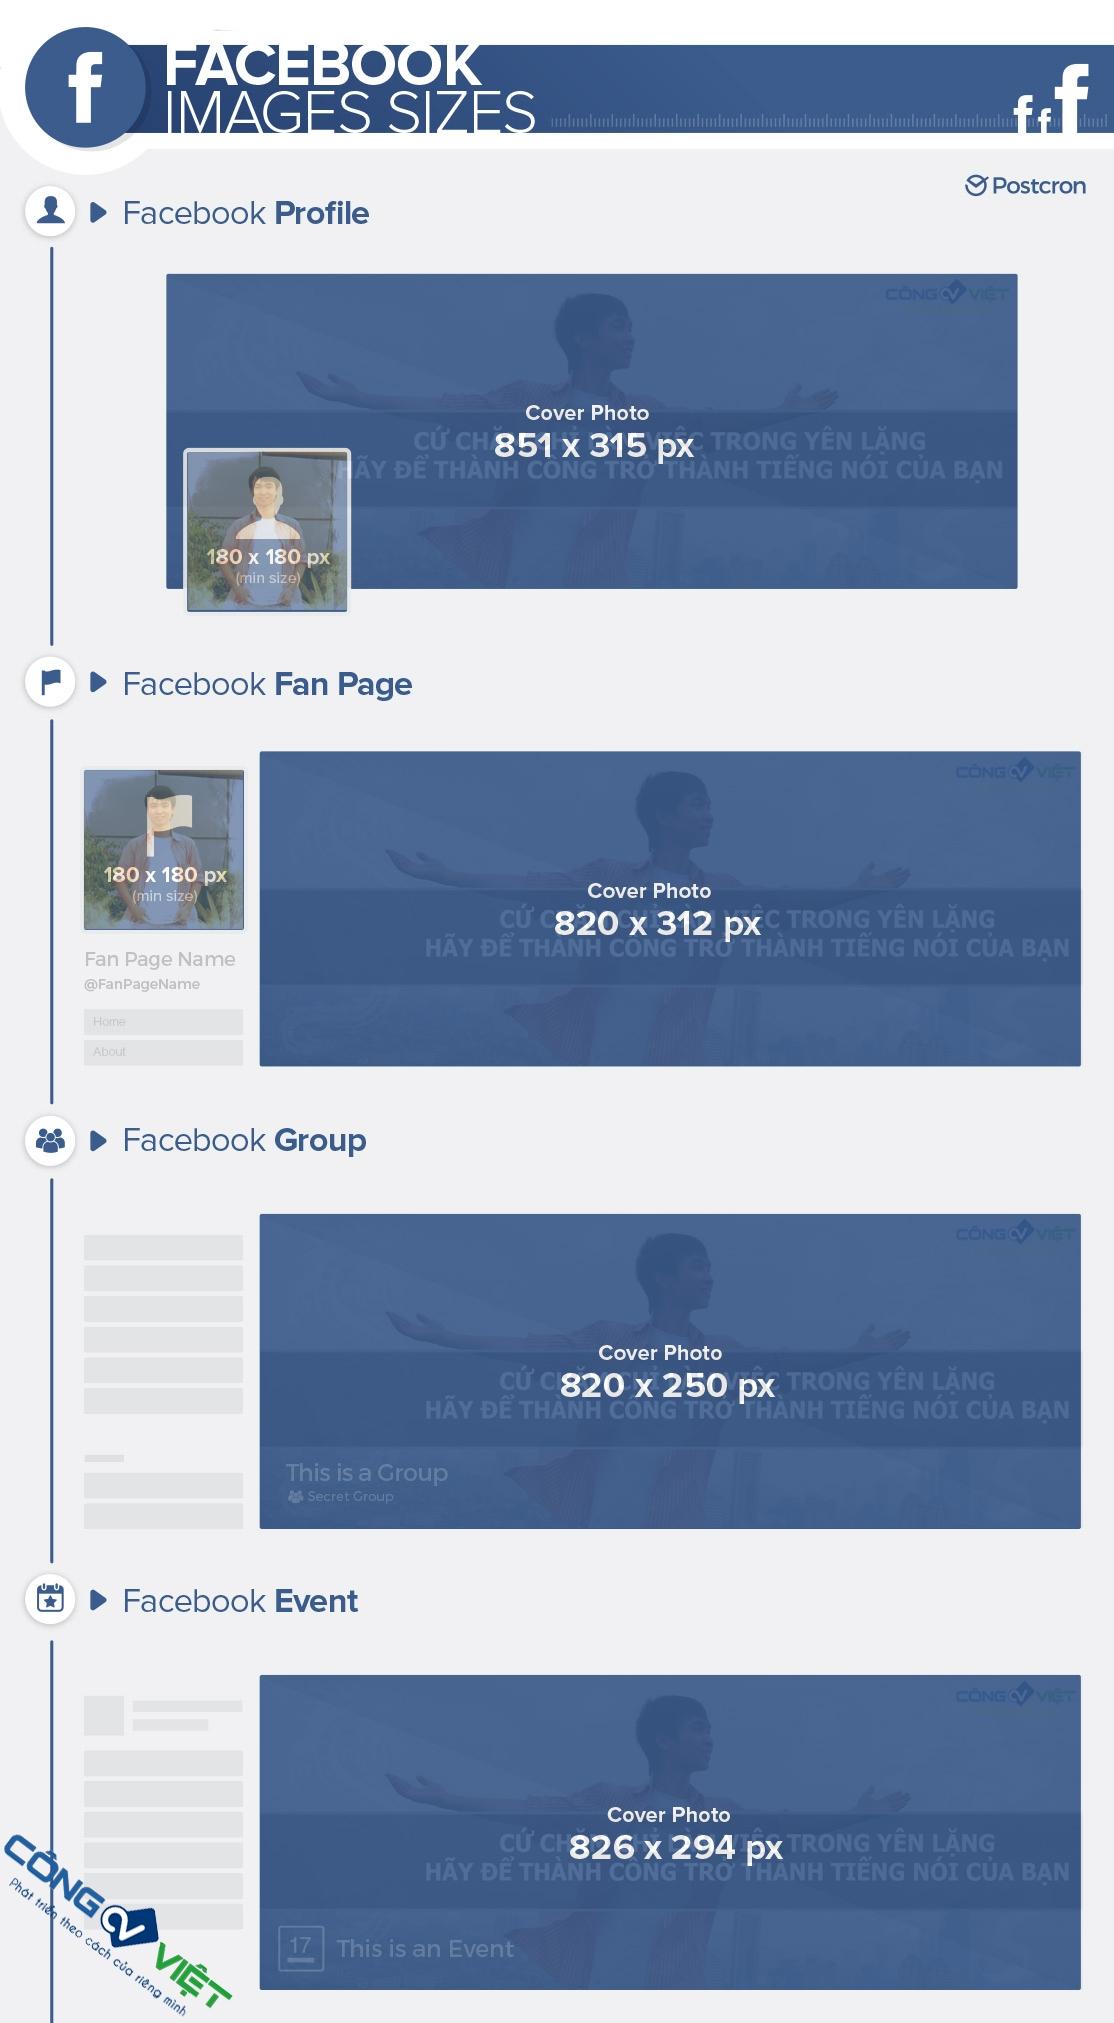 Infographic kích thước ảnh bìa trên Facebook - Congvietit.com